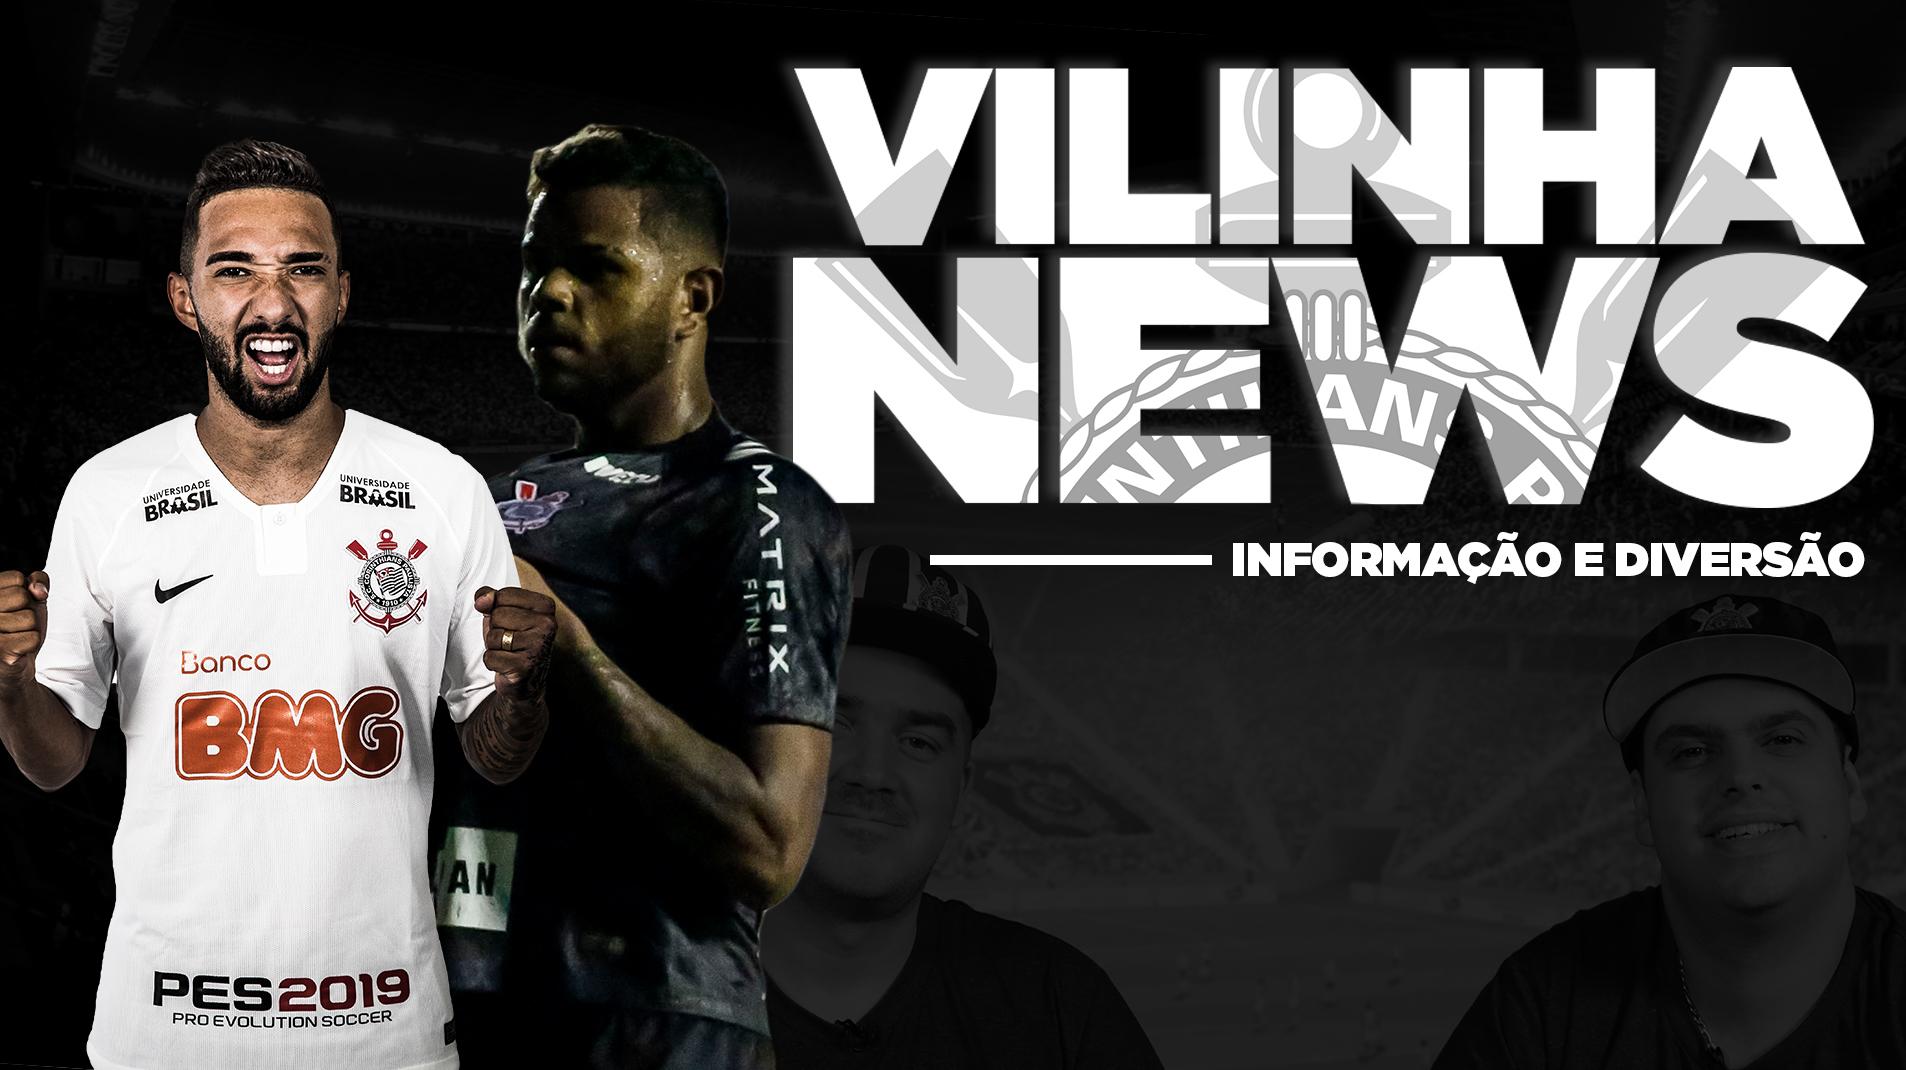 Vilinha News - #ClássicoAlvinegro e estreias em 2019